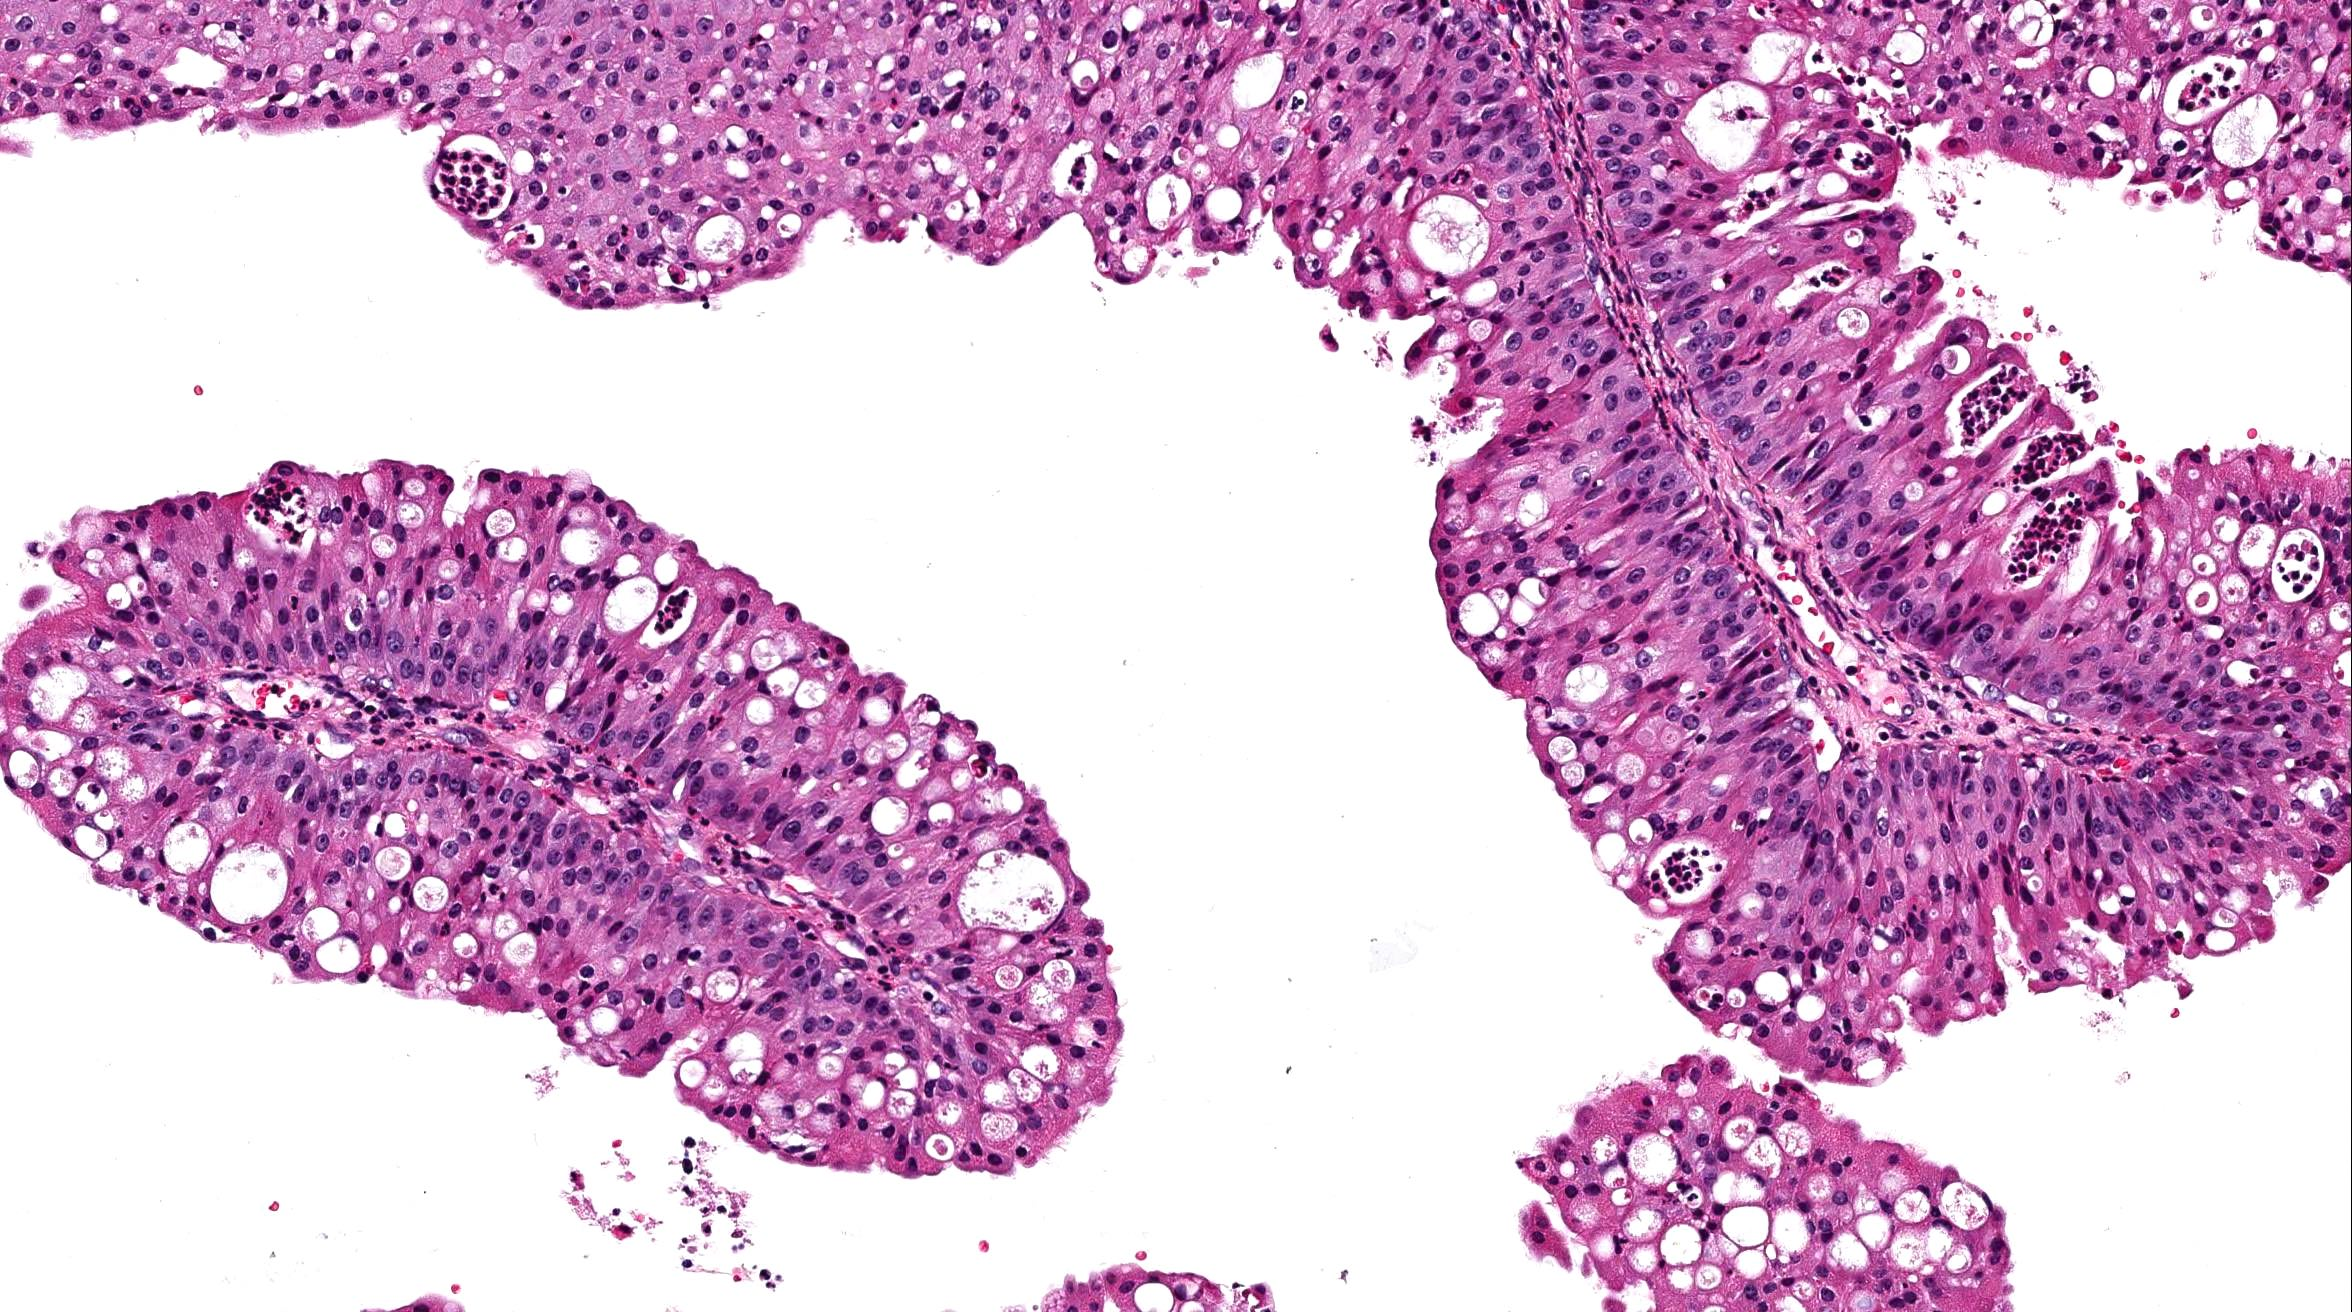 Medicamente pentru tratamentul HPV. Infecţia cu HPV: ce tratament este eficient?